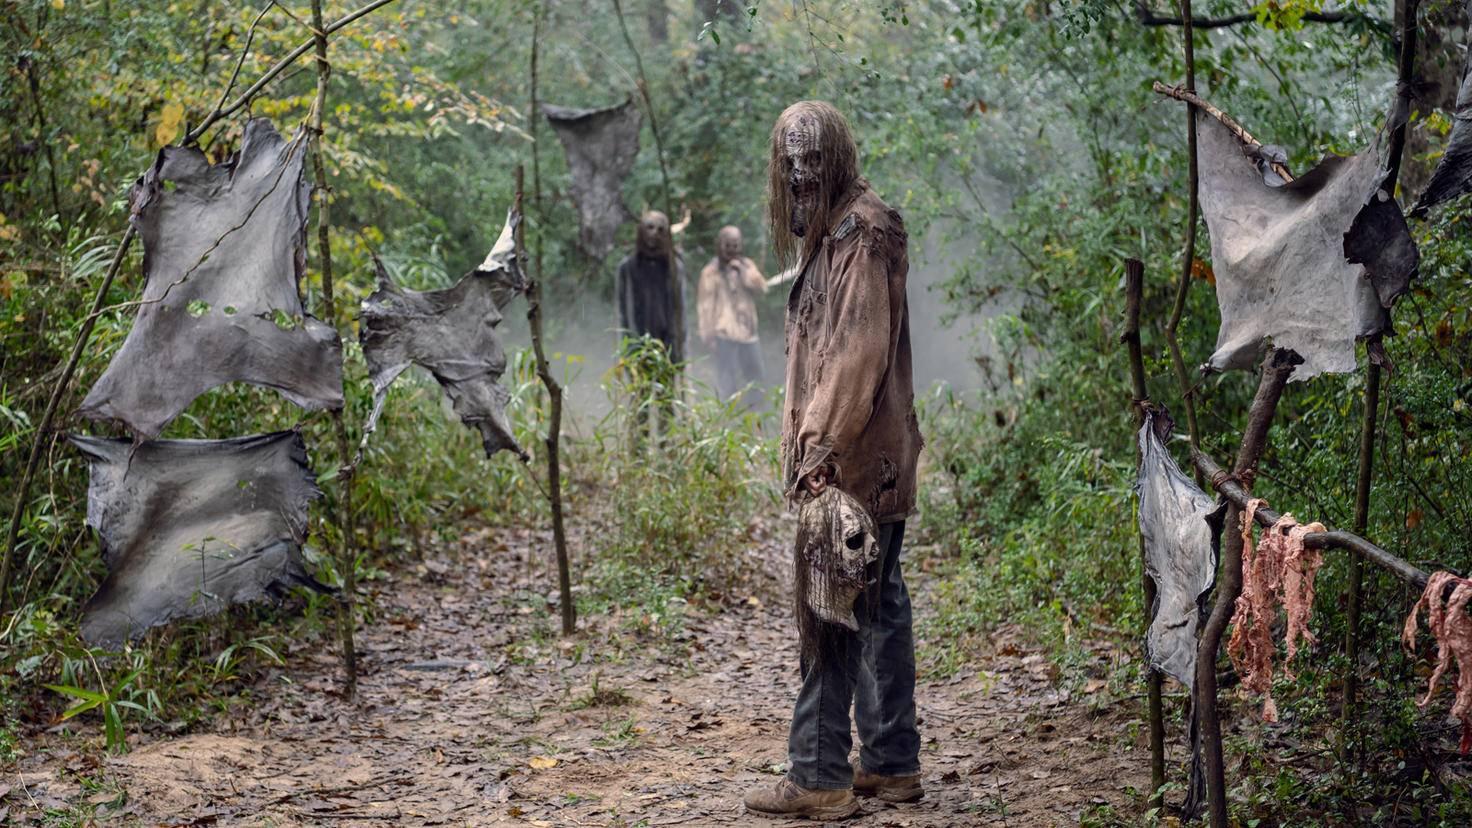 The Walking Dead-S09E16-Whisperer-Gene Page-AMC